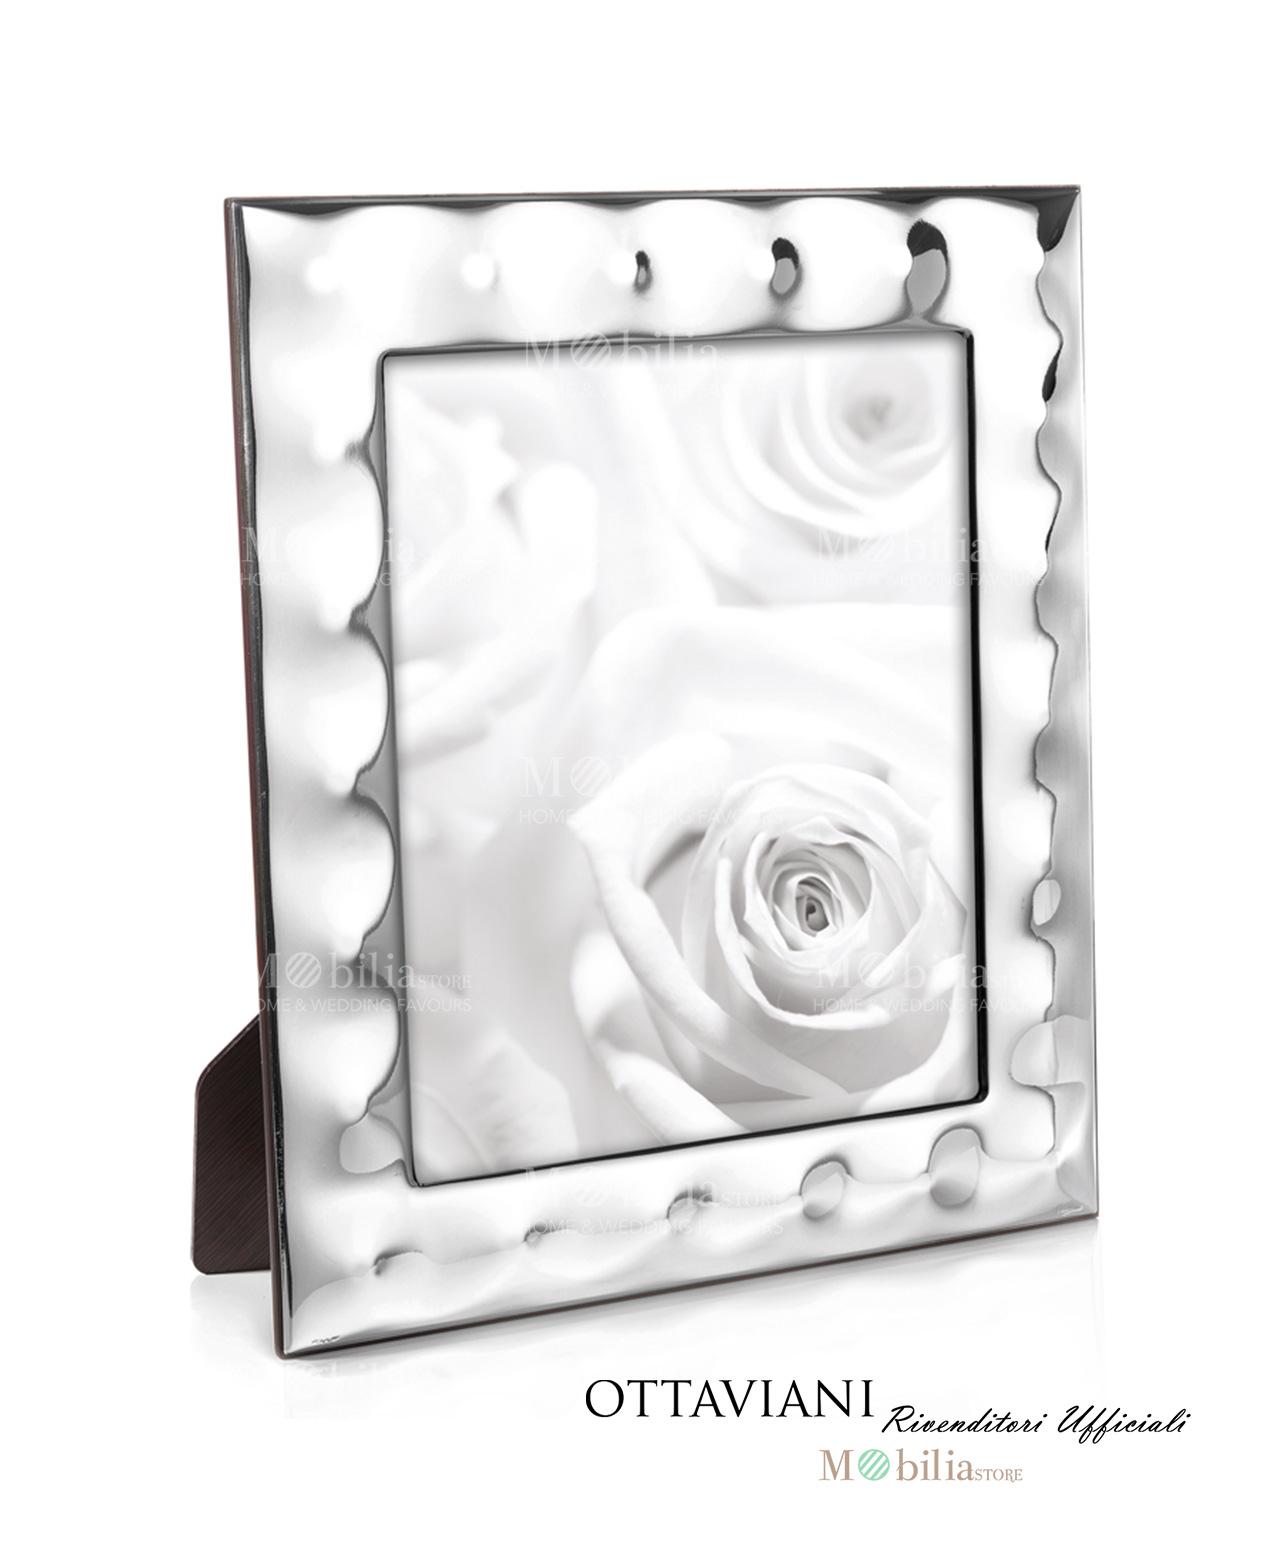 Cornici portafoto ottaviani modello suono - Porta che sbatte suono ...